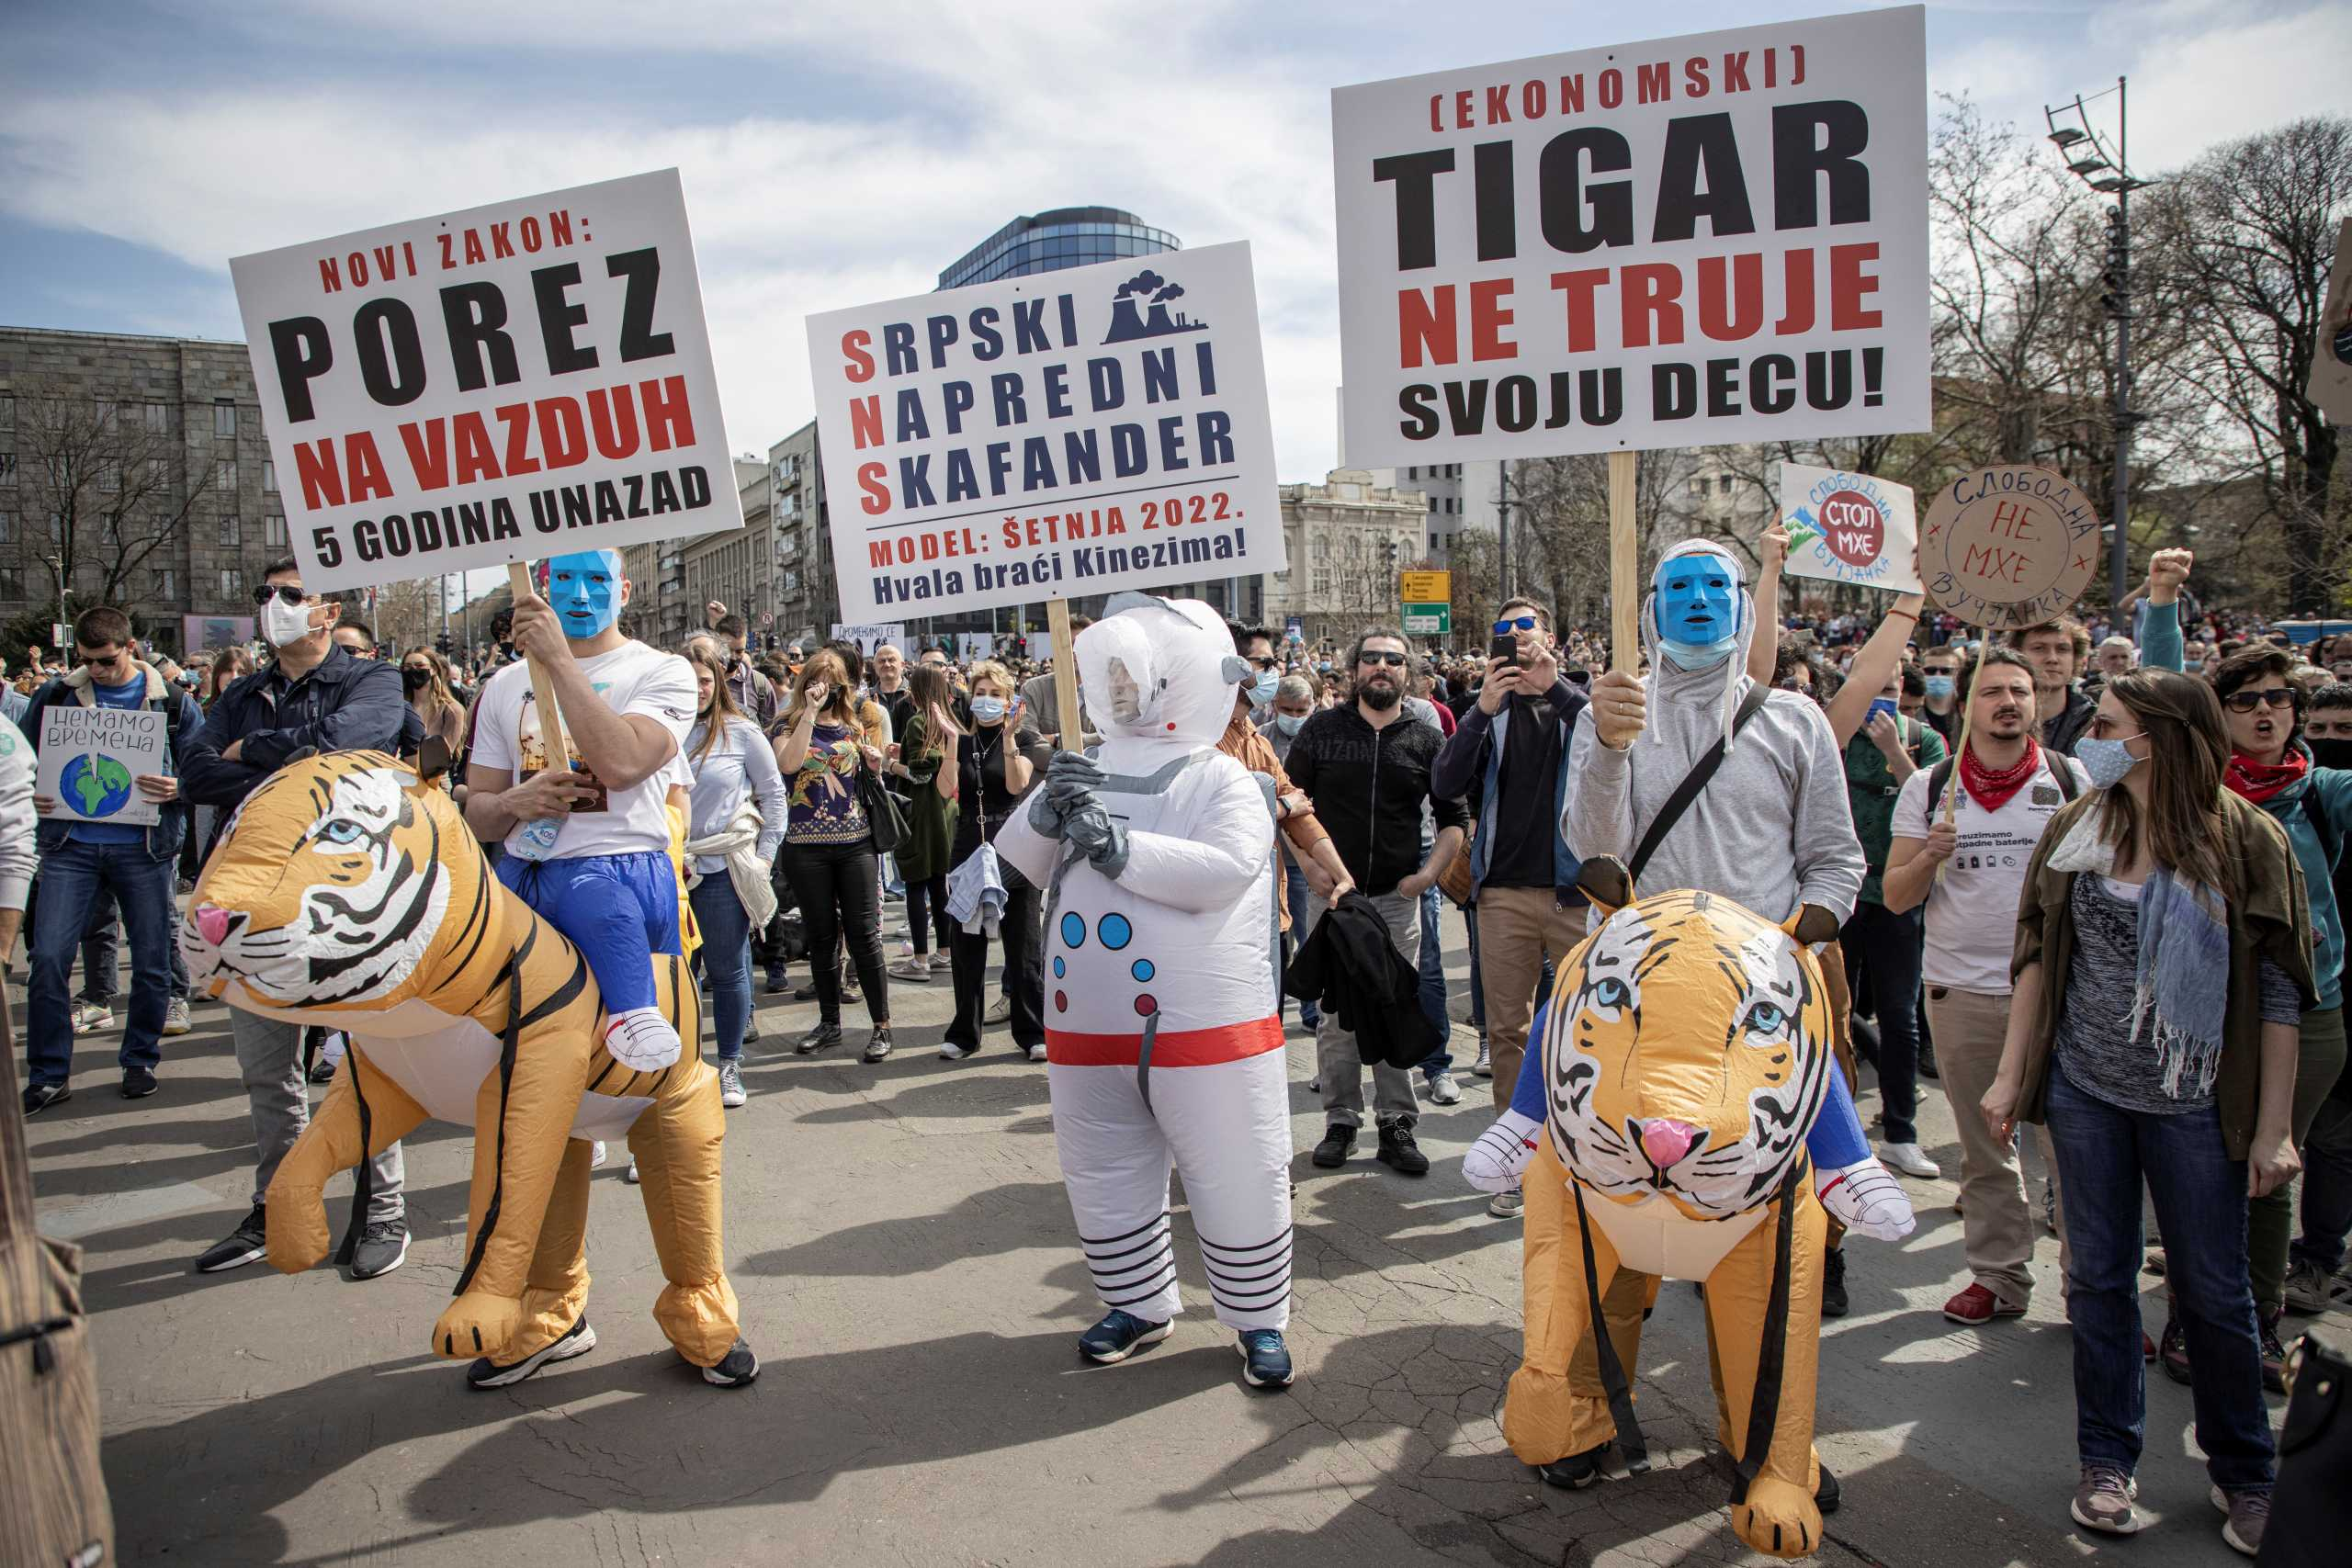 Σερβία: Χιλιάδες πολίτες ζητούν μέτρα για το περιβάλλοντος – Συγκέντρωση έξω από το κοινοβούλιο (pics)